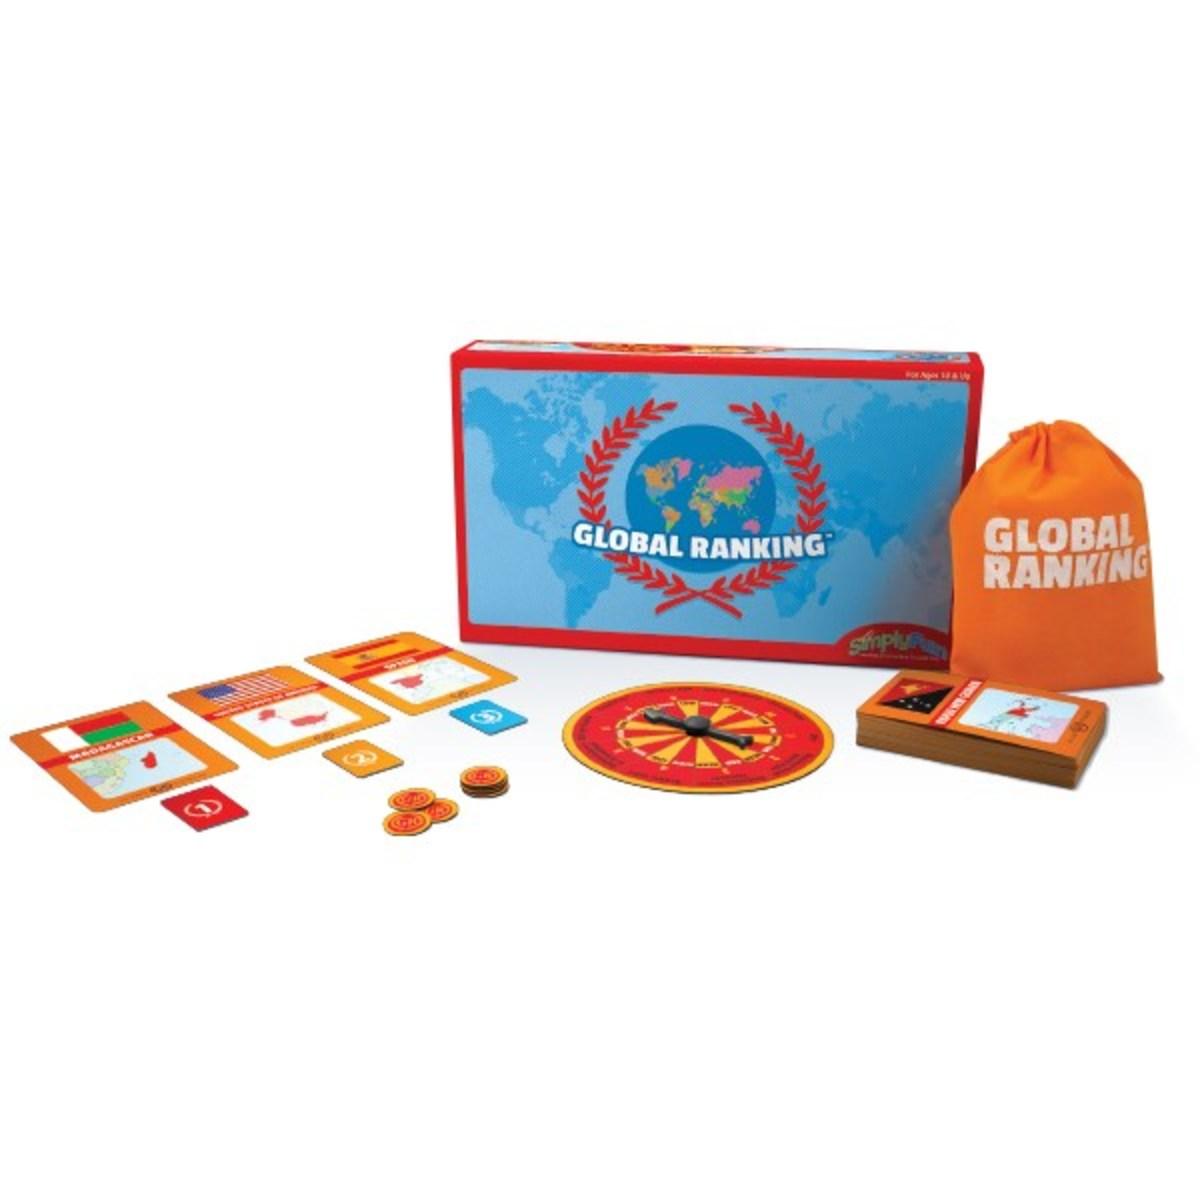 simplyfun games, board games, game night